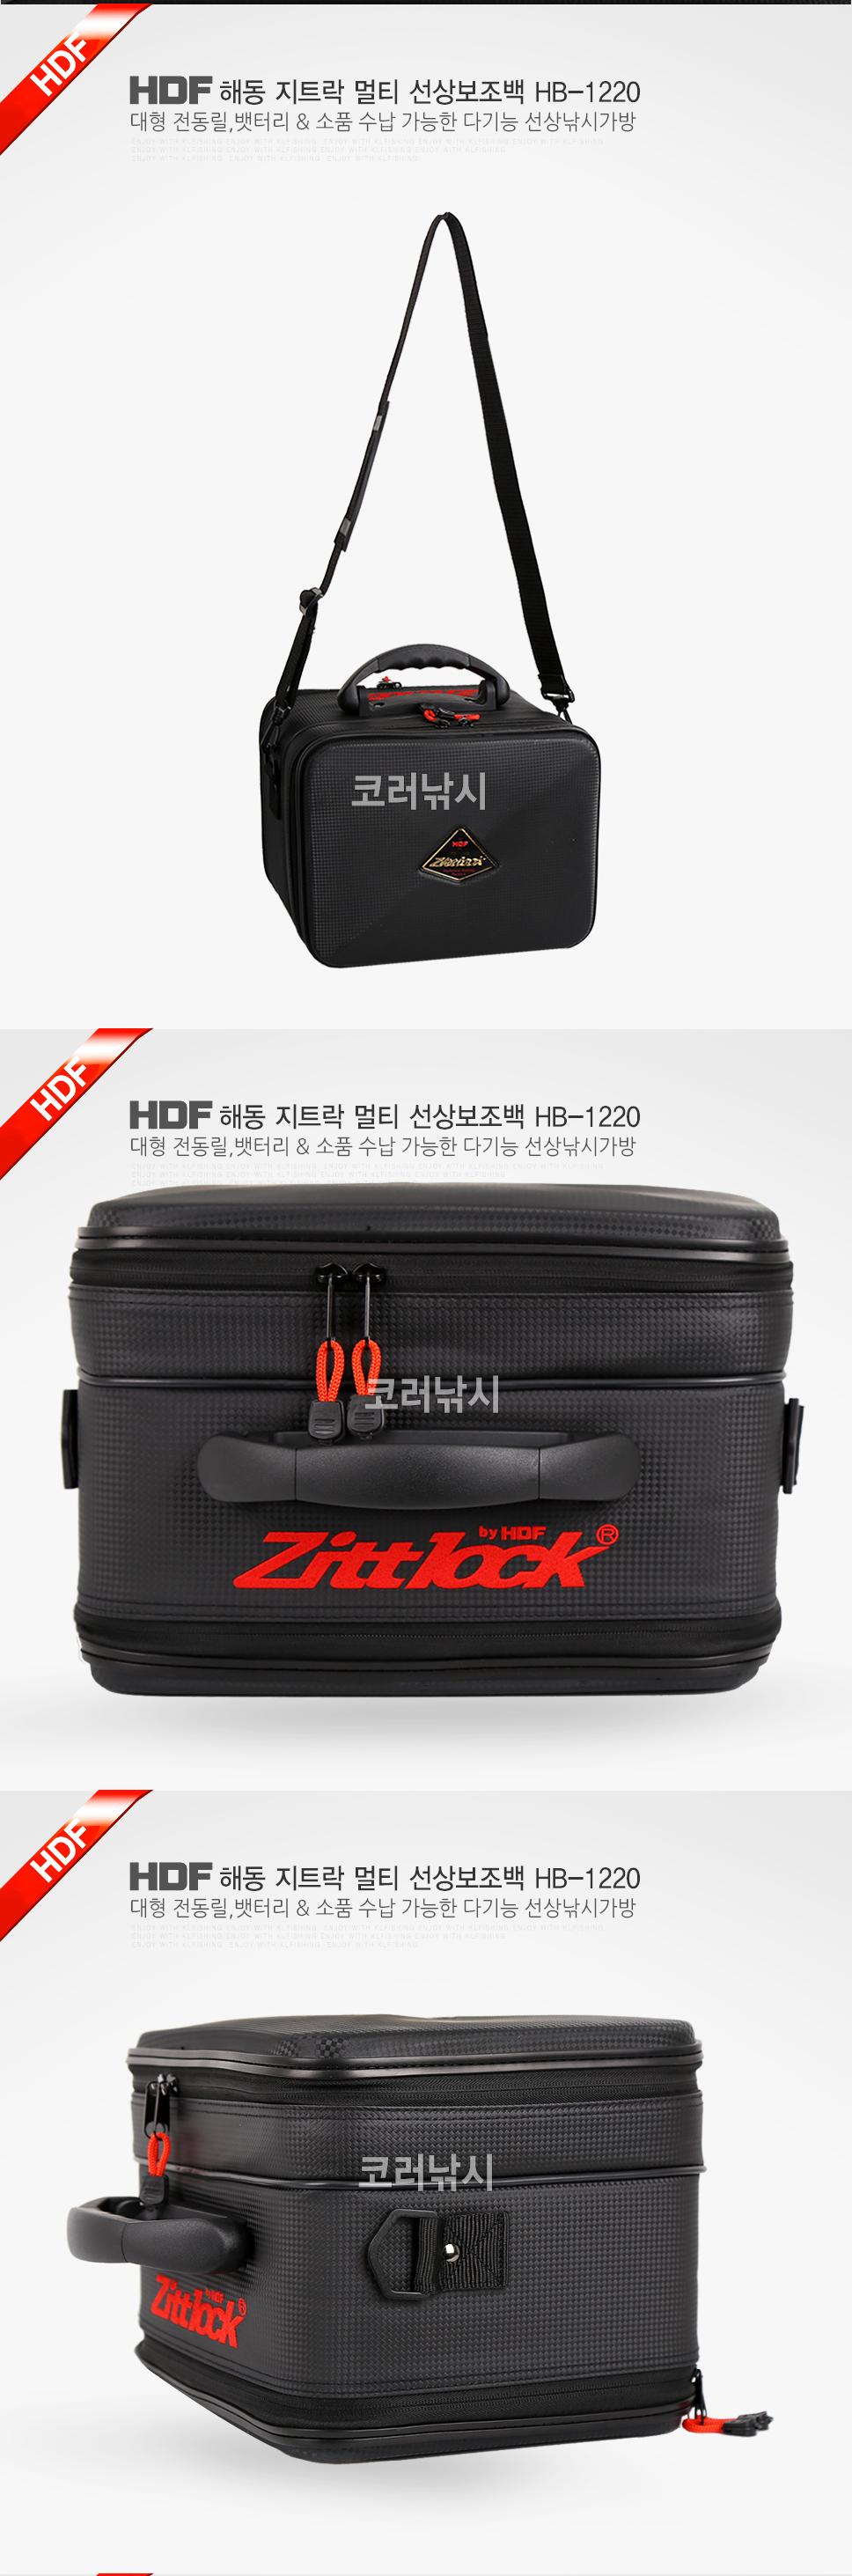 해동 지트락 멀티 선상보조백 HB-1220 보조가방 선상보조가방 선상낚시보조백